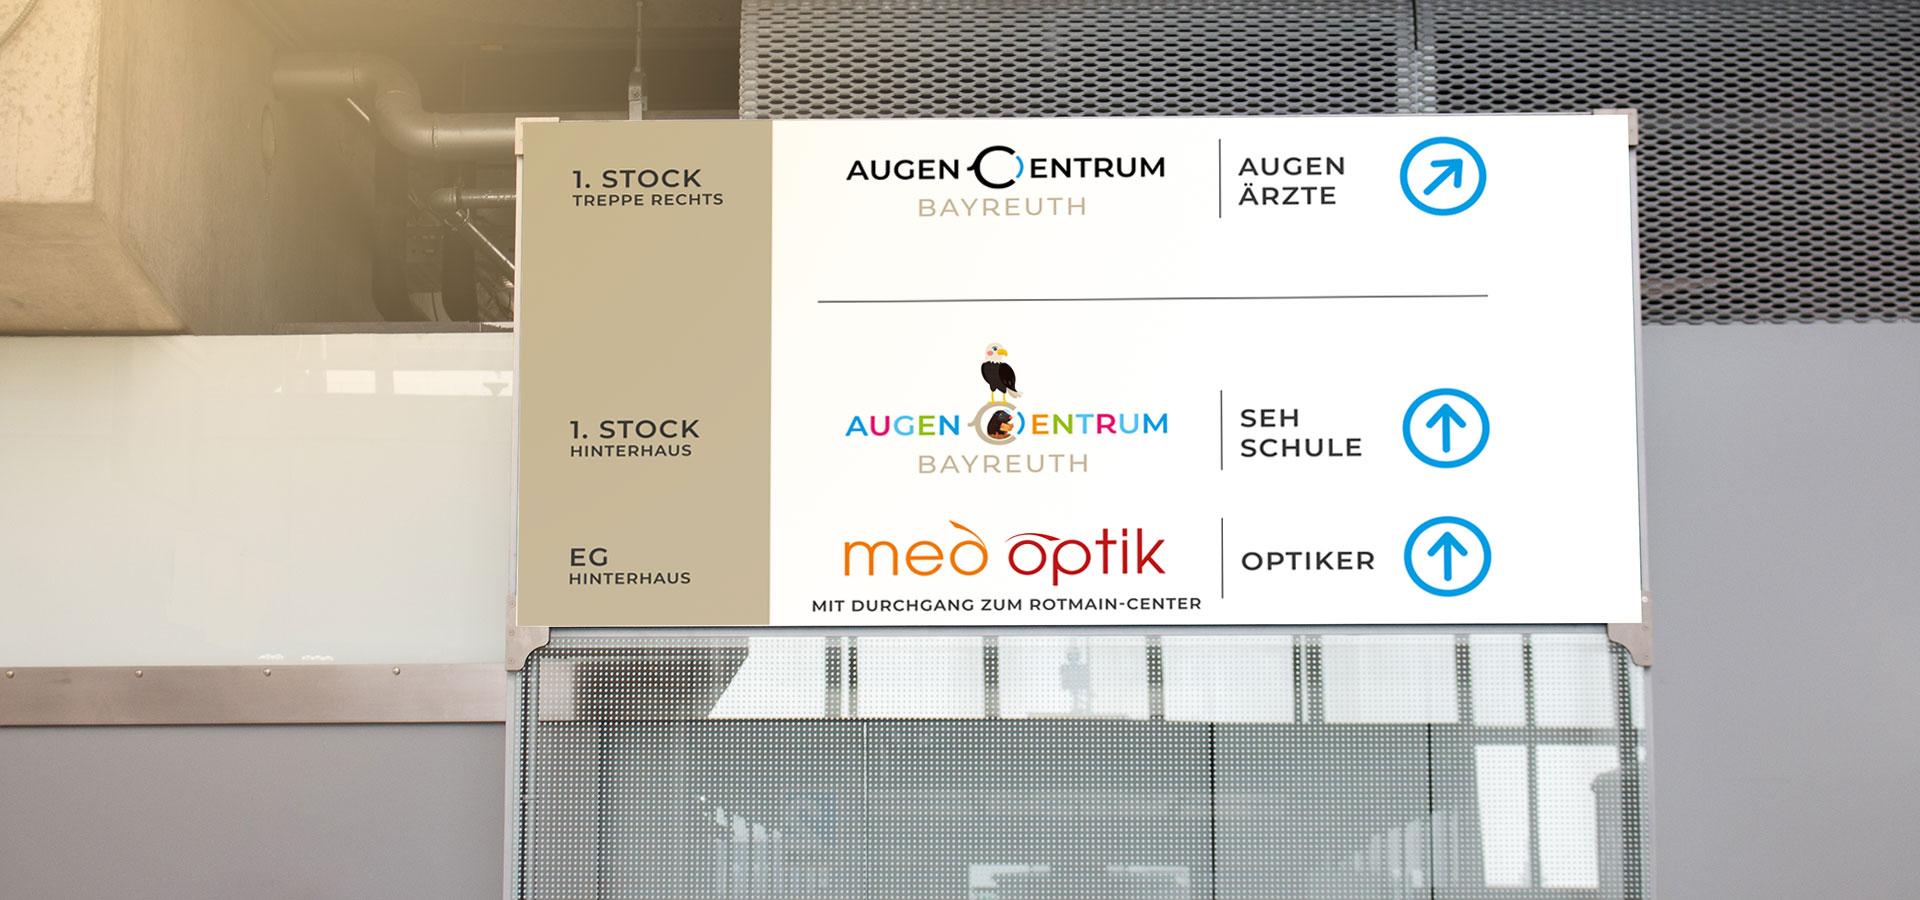 OPUS Marketing / AugenCentrum Bayreuth / Standortausstattung